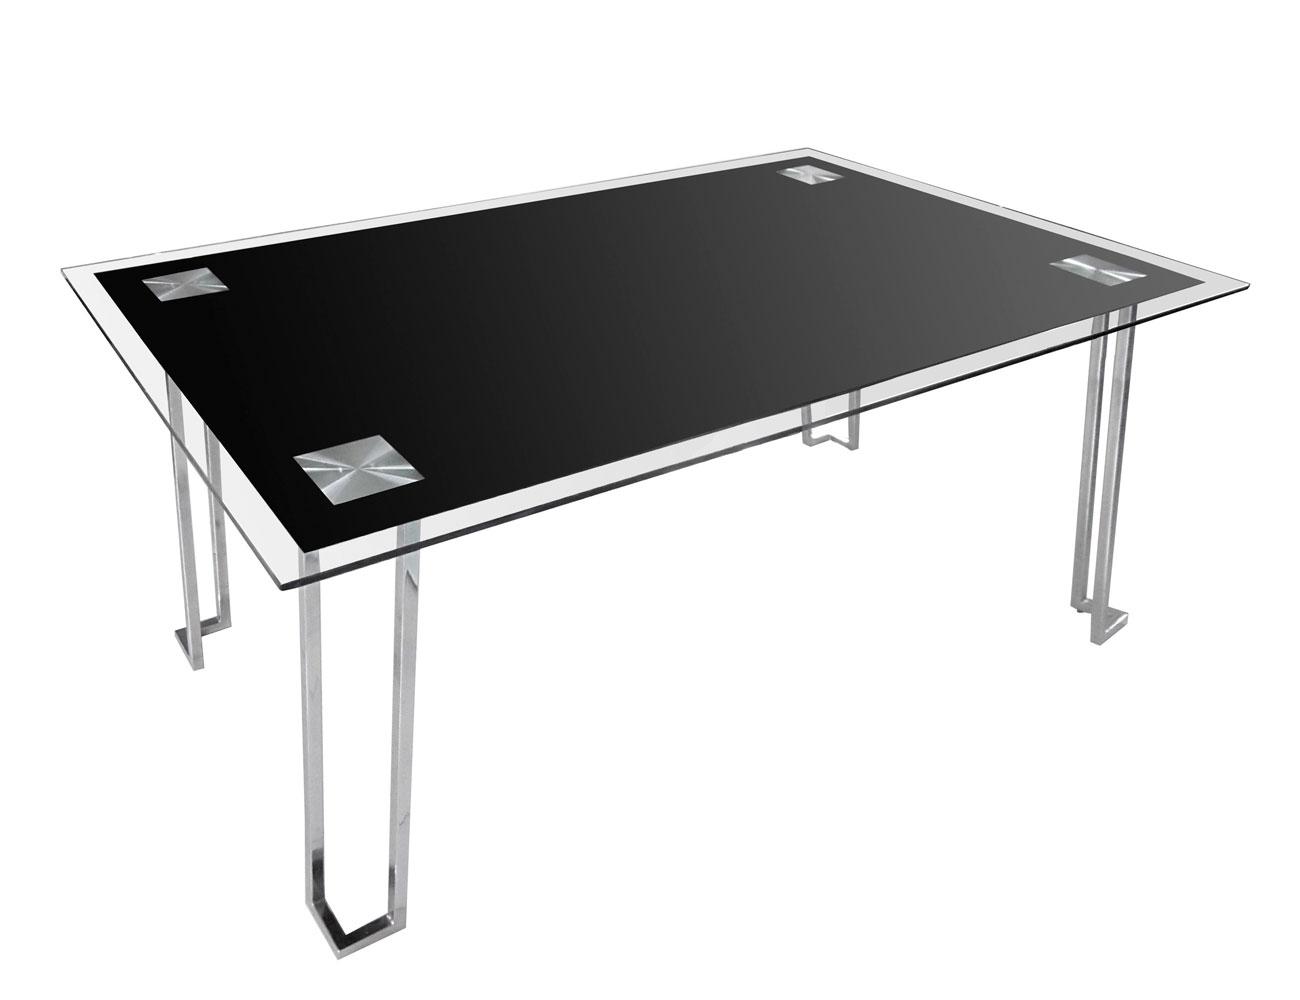 Mesa comedor cristal templado 248 negra